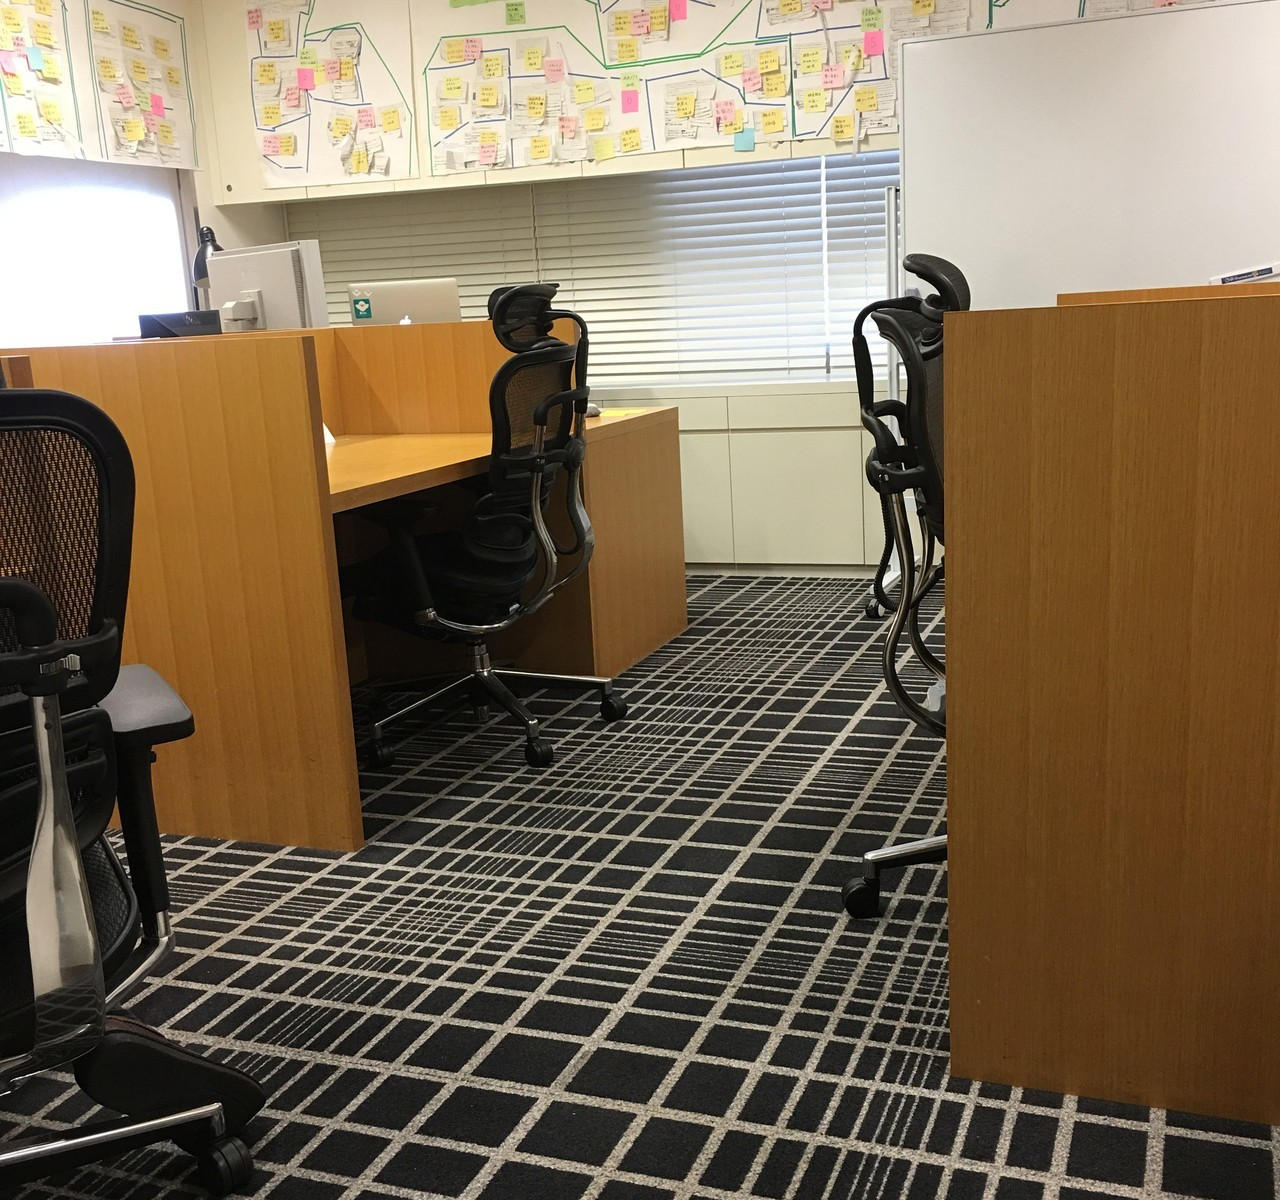 株式会社grooves・日本最大級の人材紹介プラットフォーム Crowd Agent を開発する Rails エンジニア募集! (〜週4日リモートワーク)